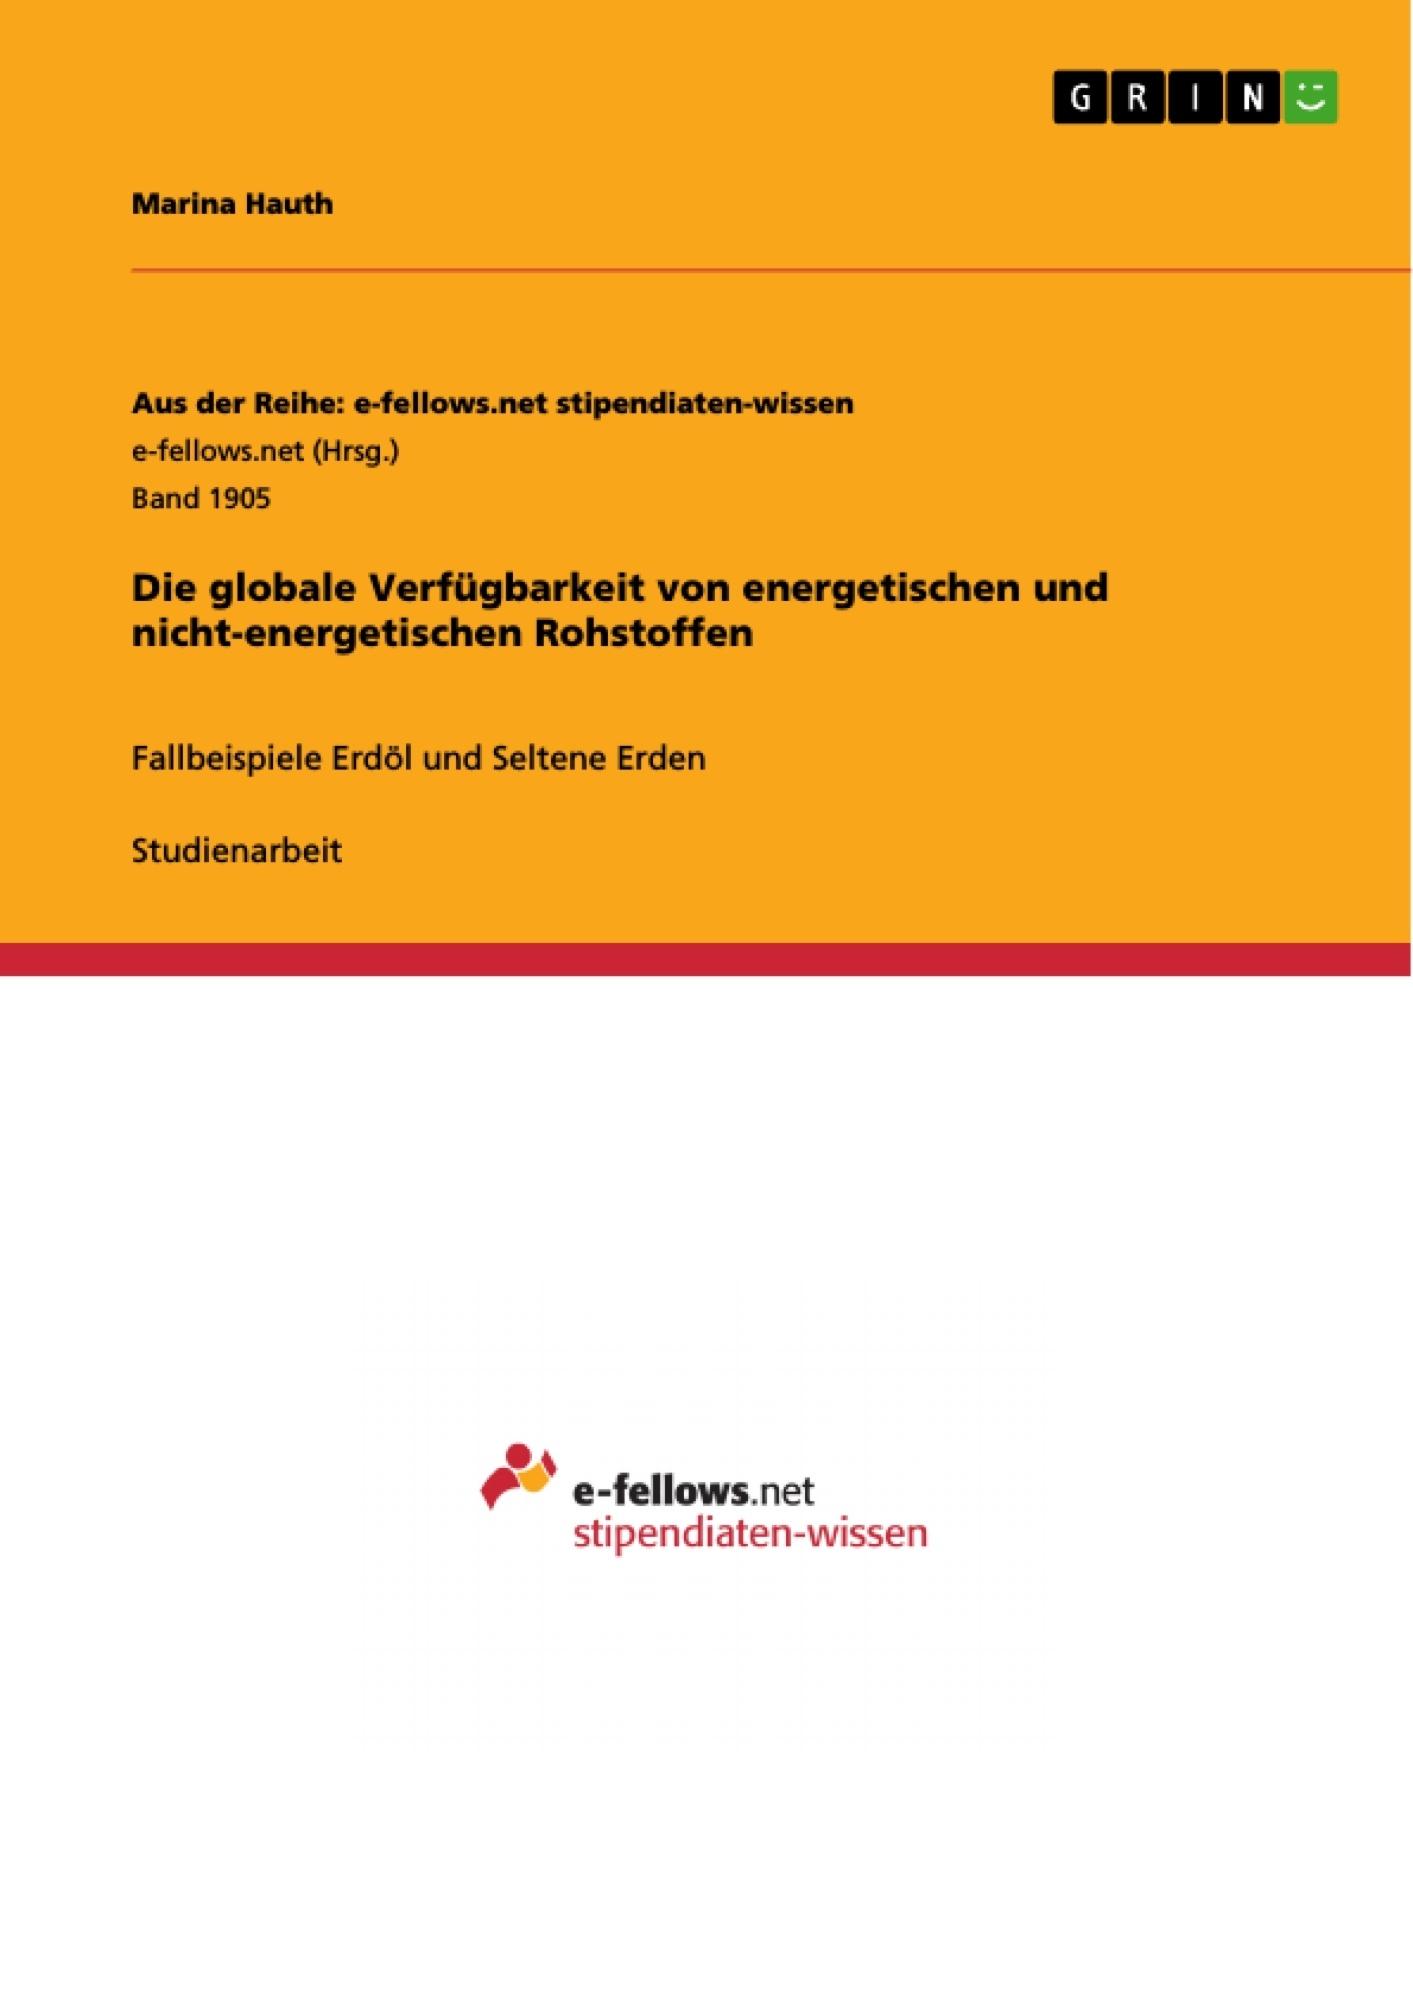 Titel: Die globale Verfügbarkeit von energetischen und nicht-energetischen Rohstoffen